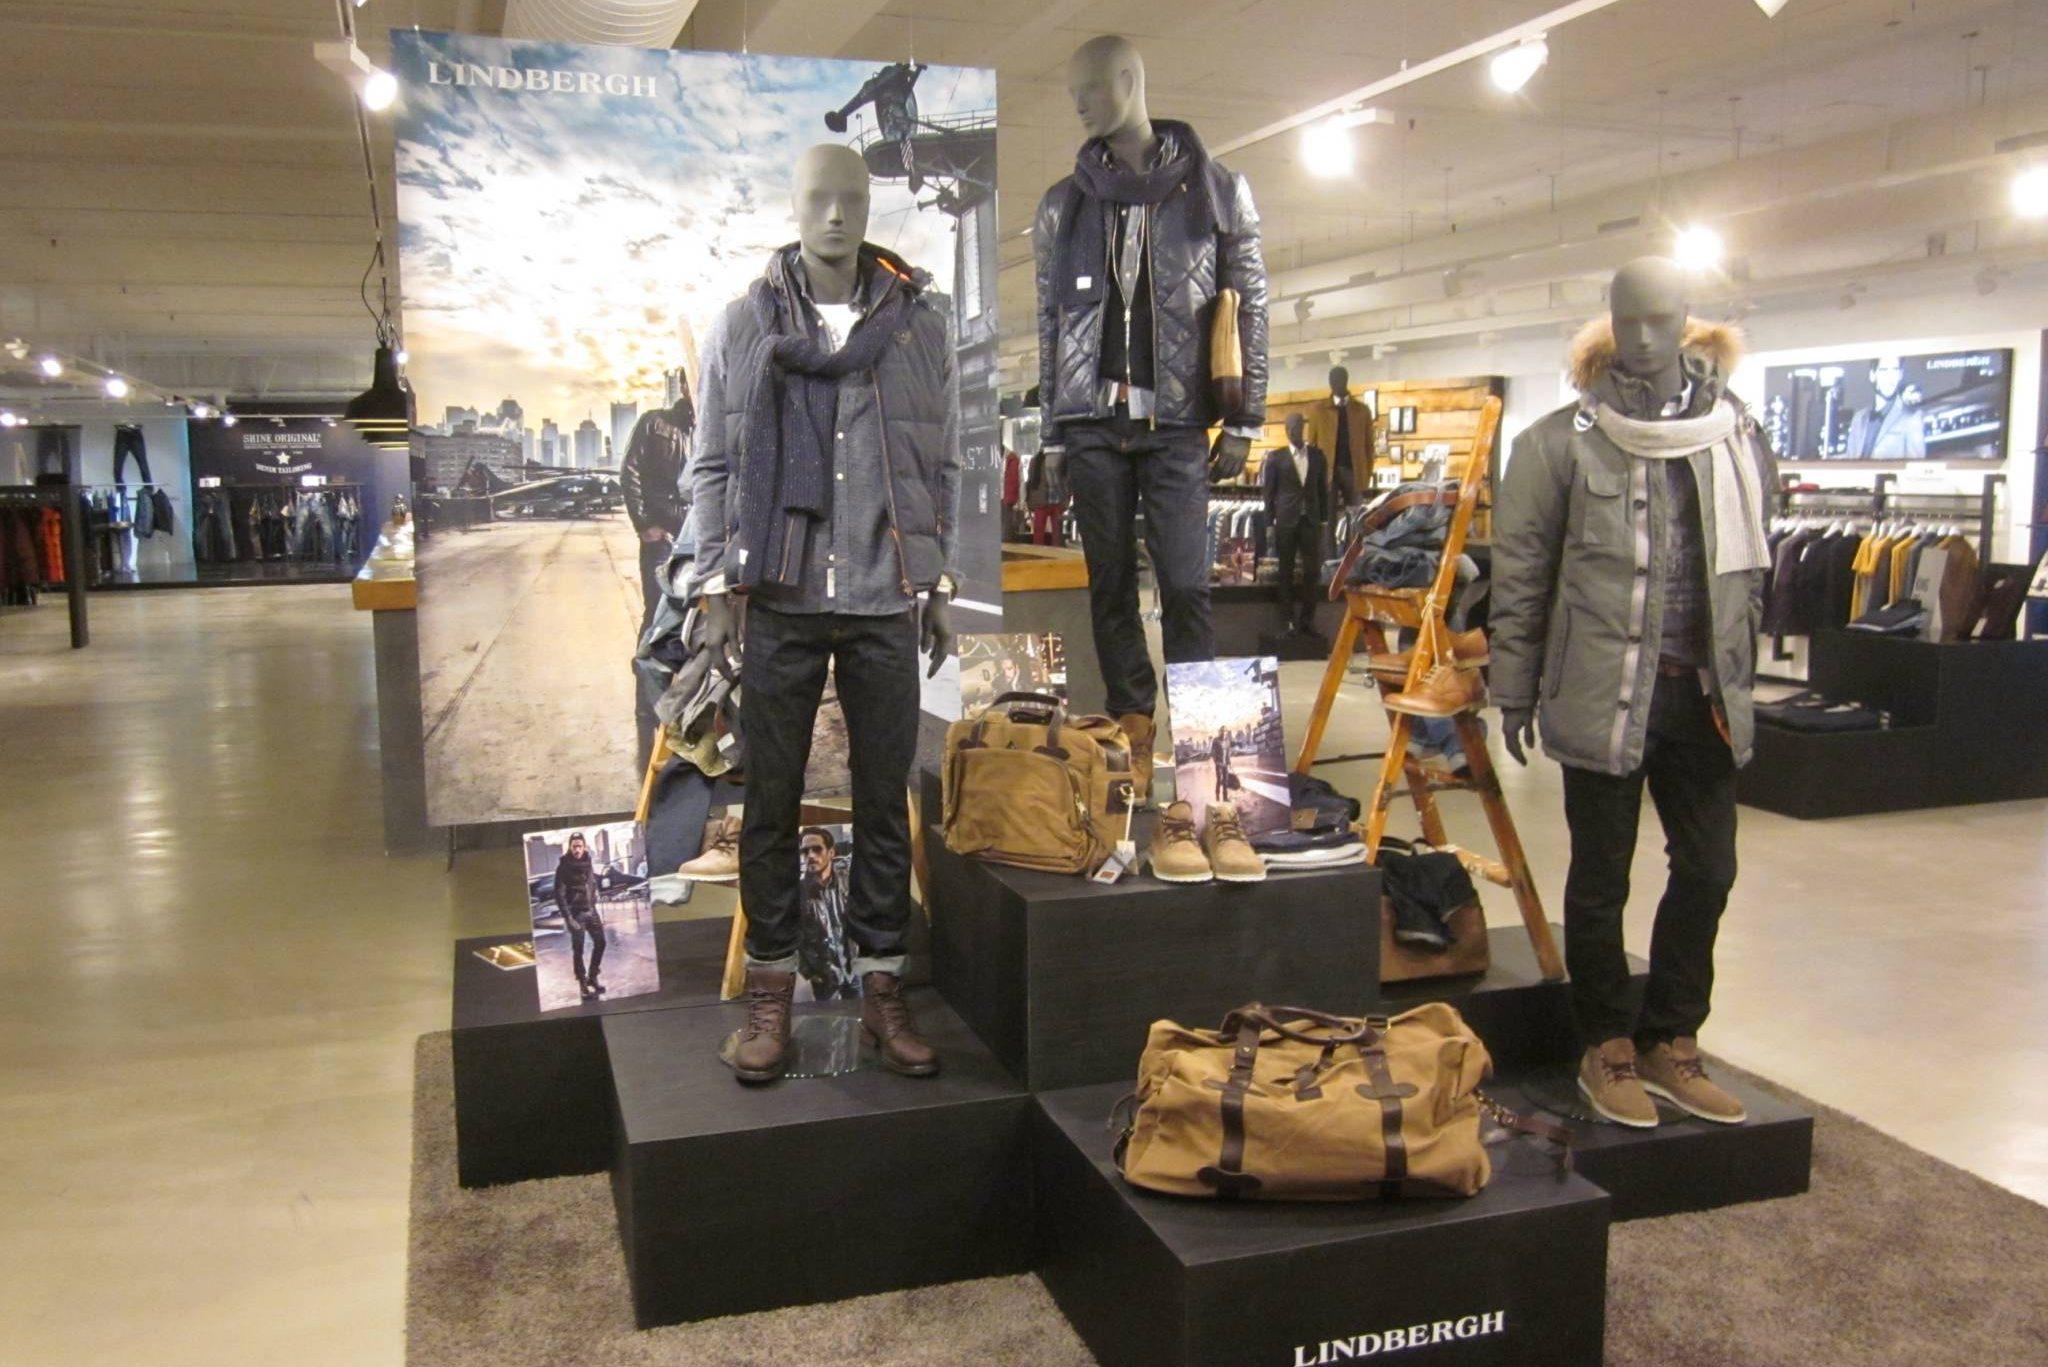 Flotte mannequiner i en speciel grå farver, præsenteres flot på podie i forskellige størrelser. Butiksinventar og butiksindretning